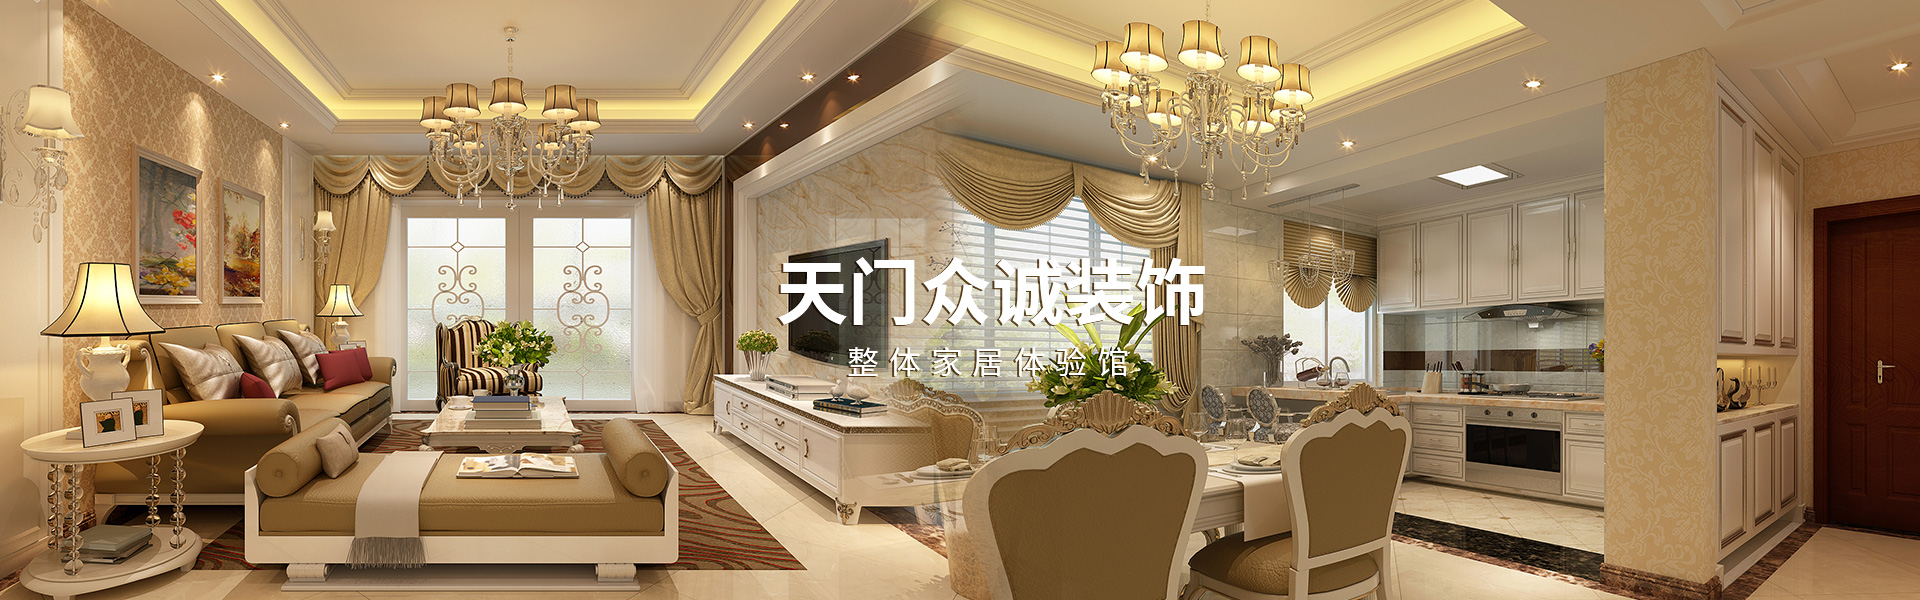 室内设计装饰